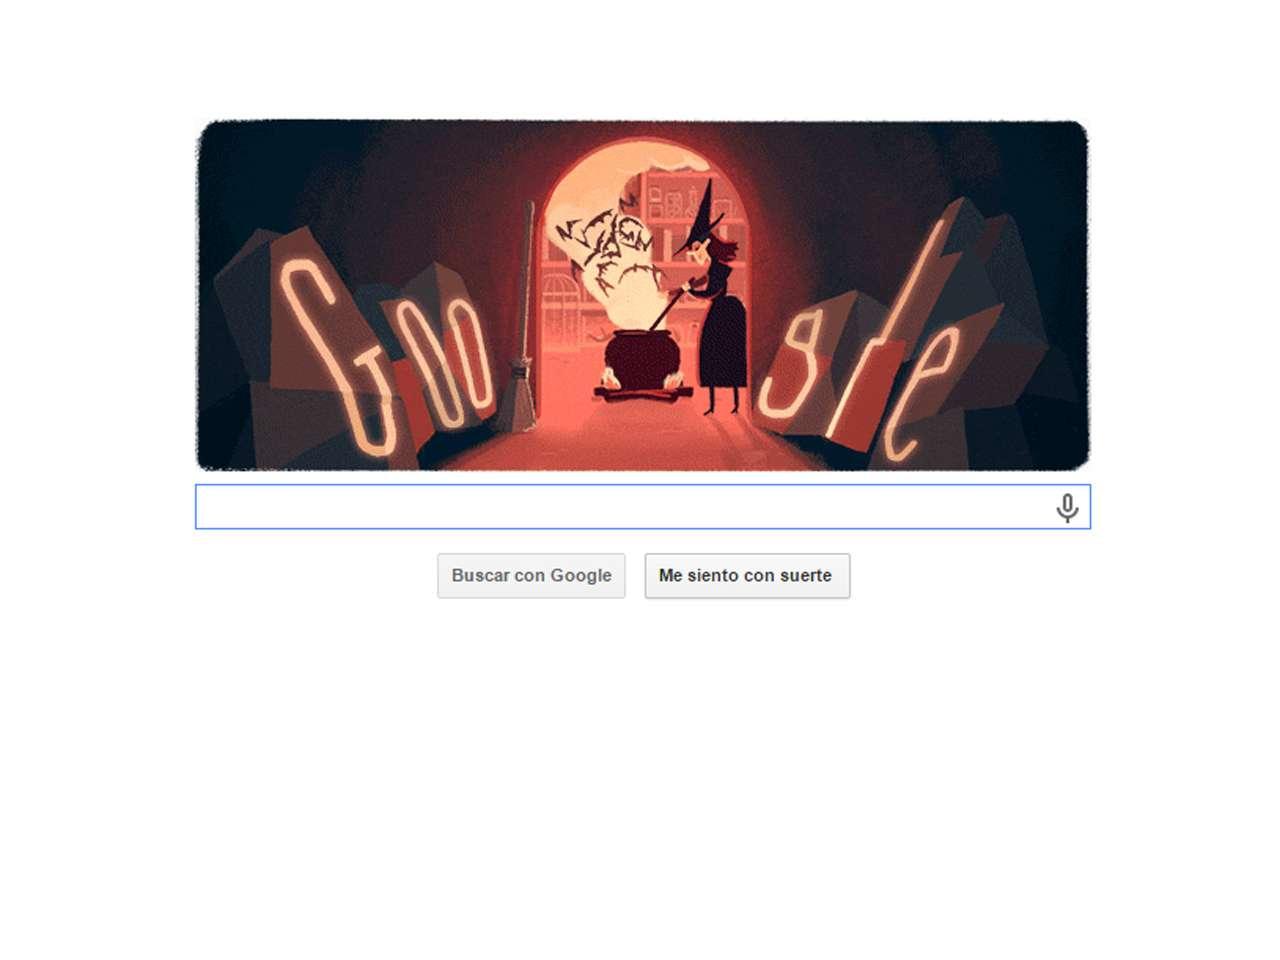 Este 31 de octubre Google, el buscador más famoso del mundo, celebra la llegada del Halloween 2014 con un doodle animado. Foto: Google